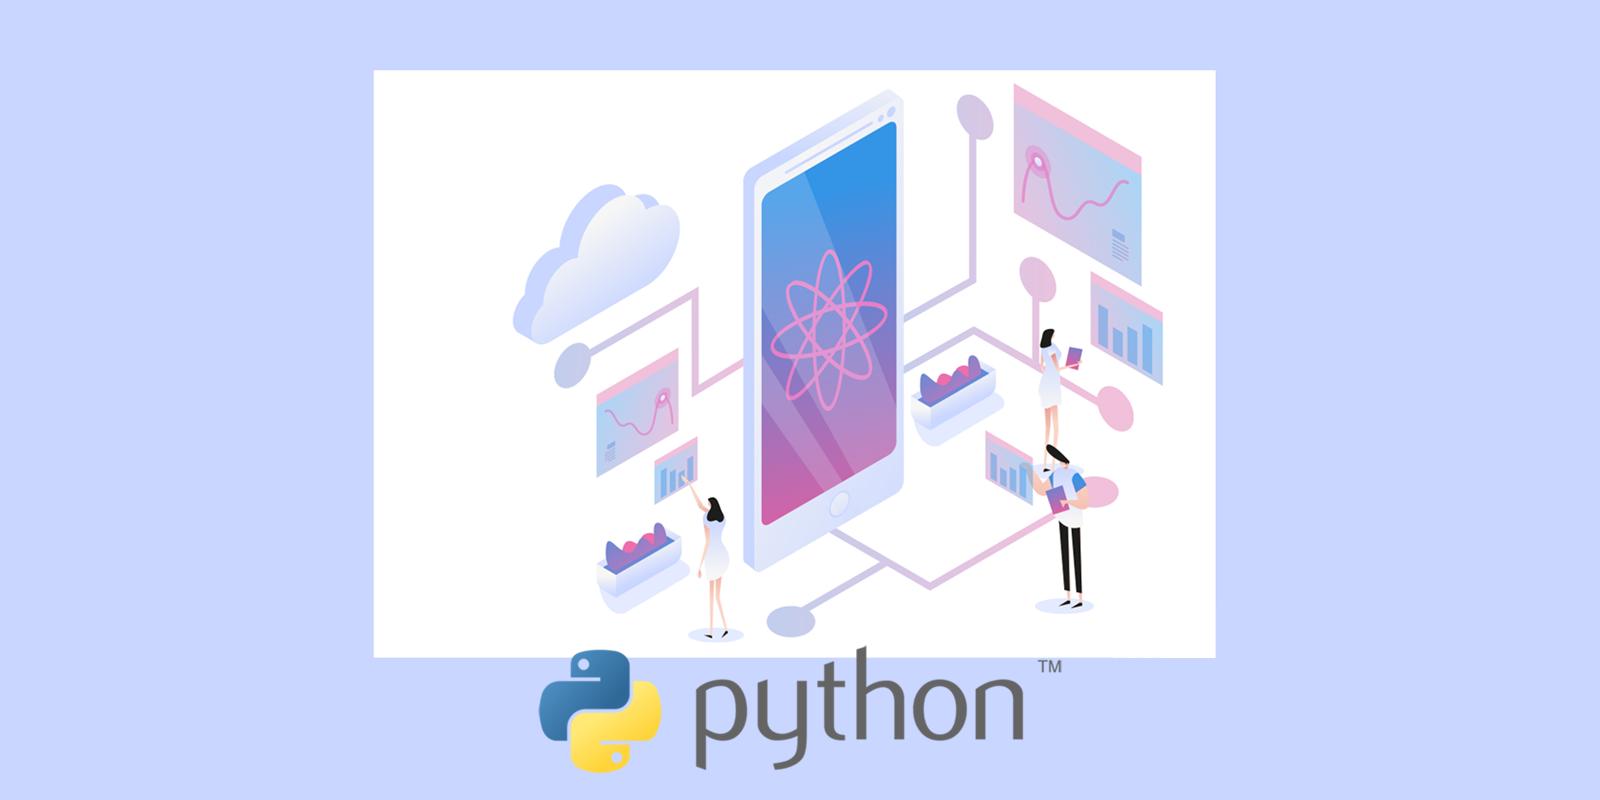 Corso in Programmazione Python Tivoli Forma Academy - data science 1600x800